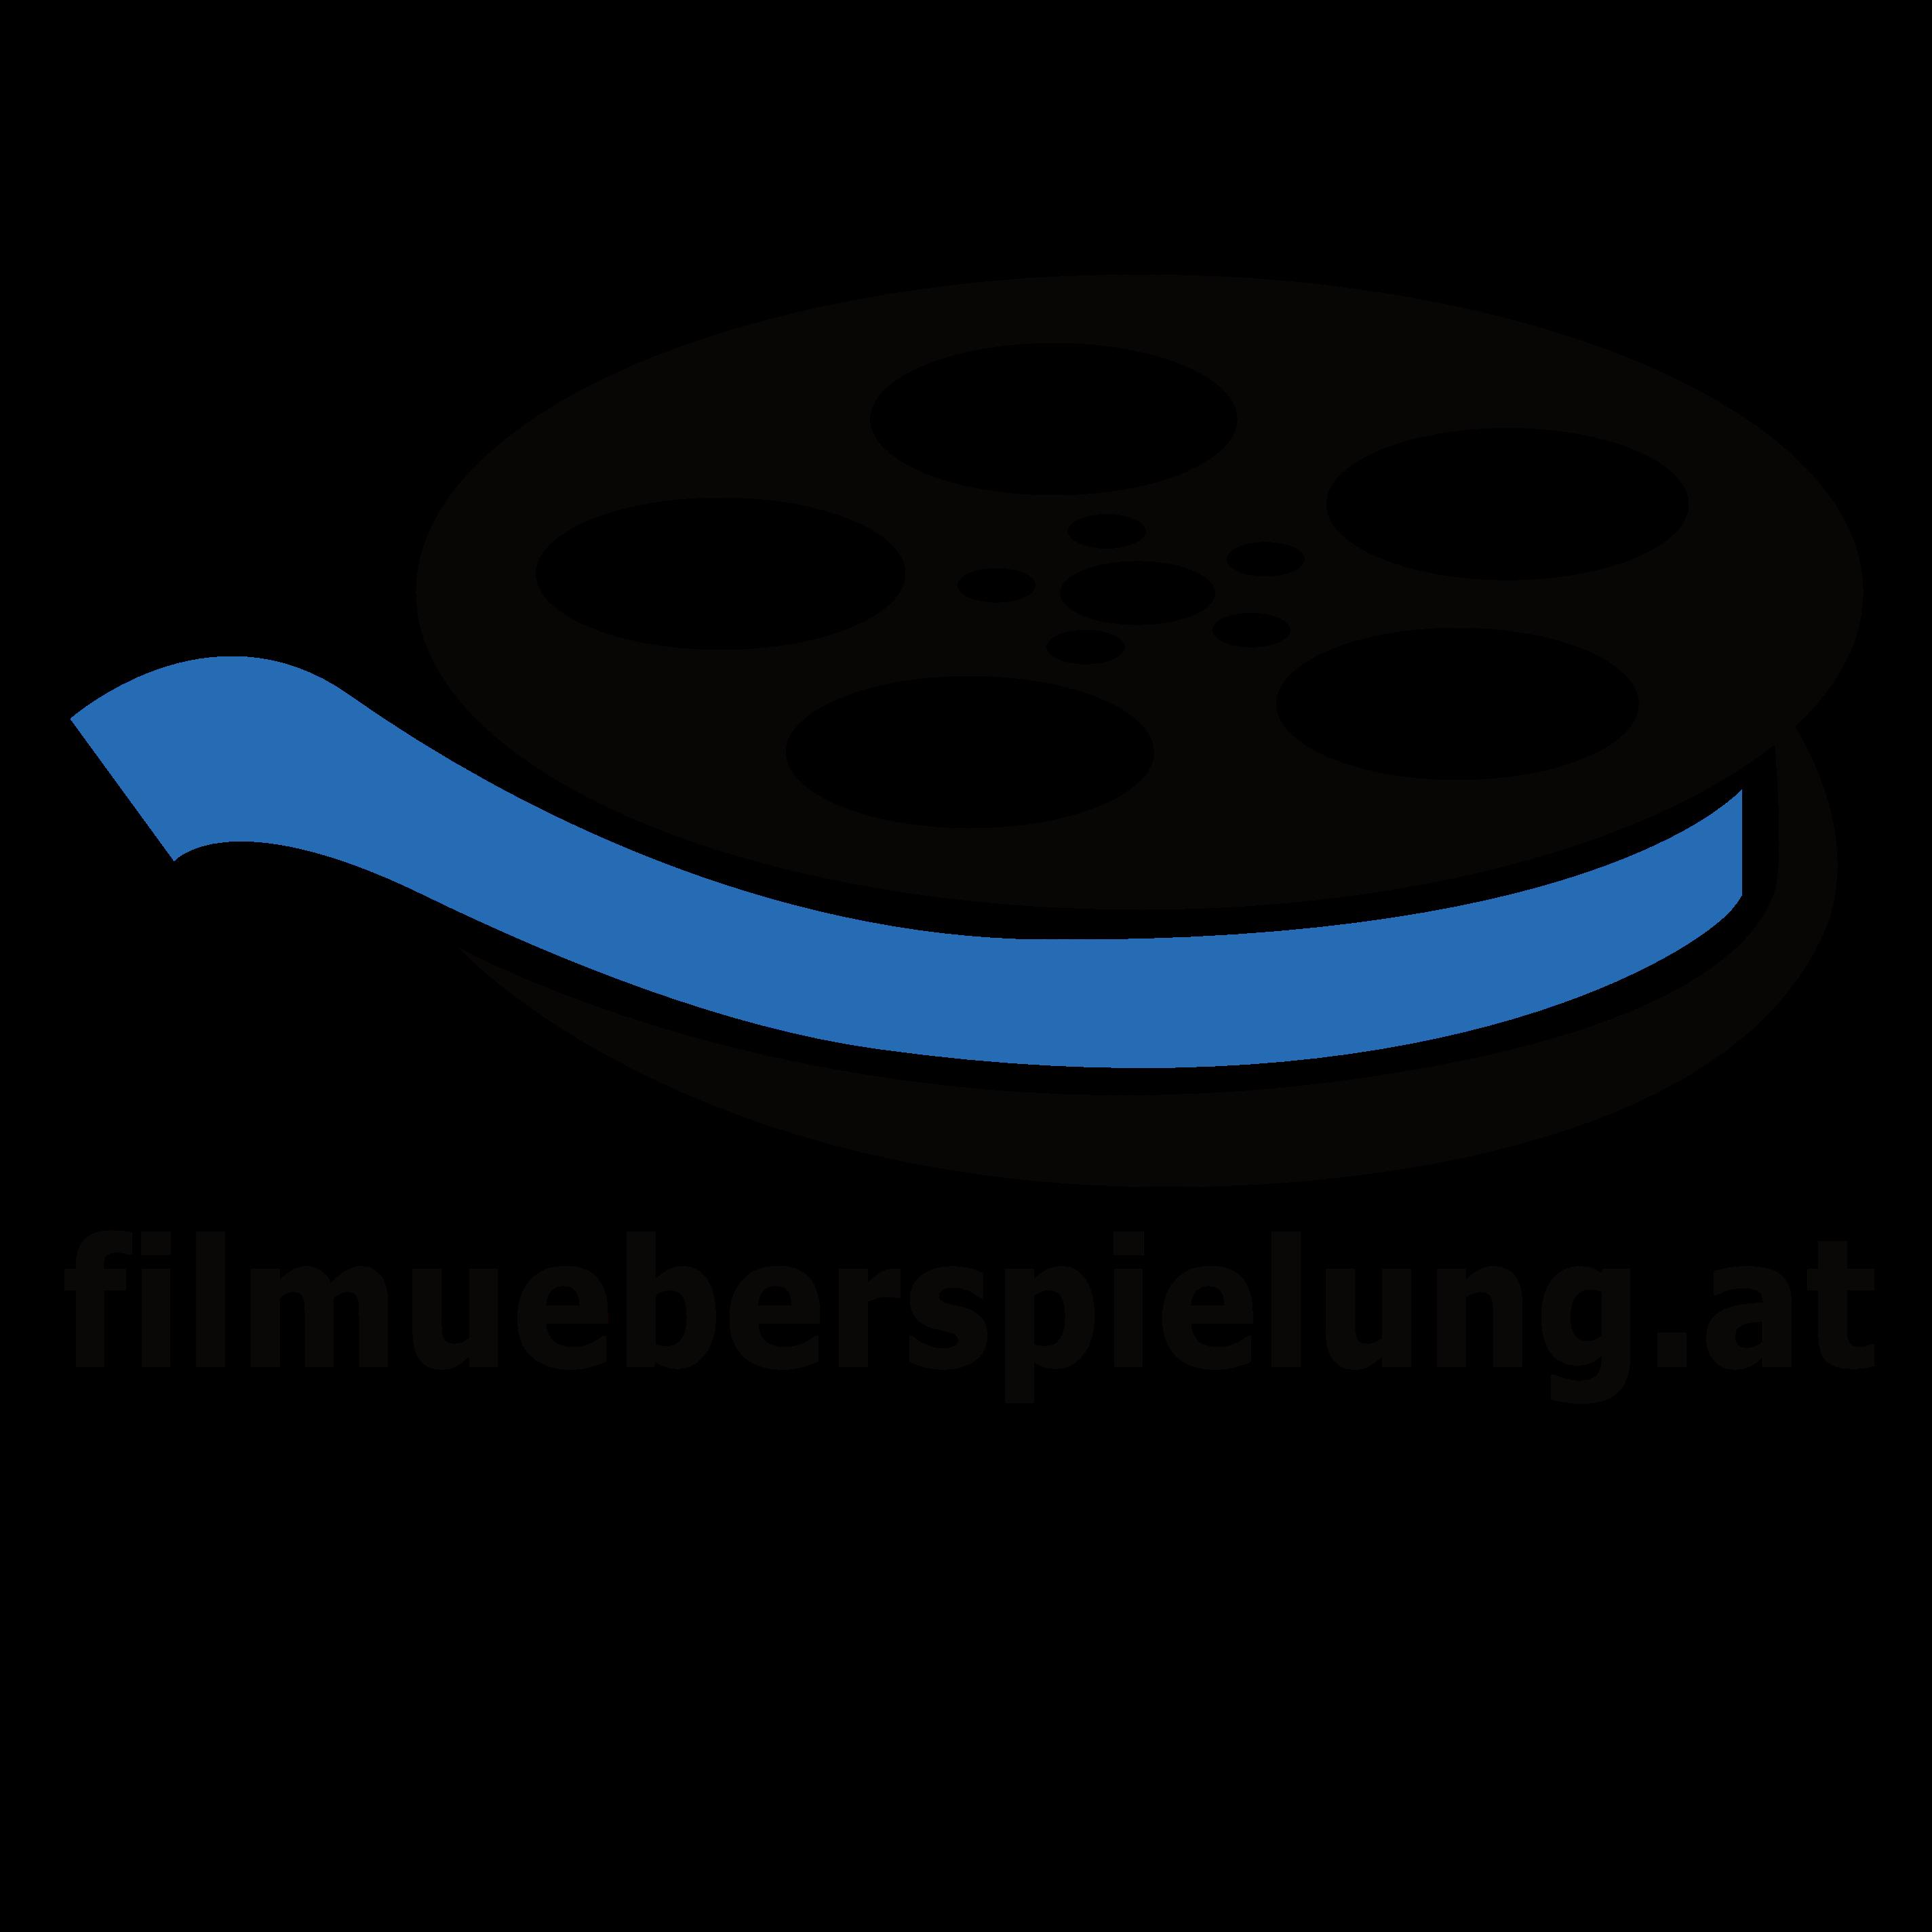 filmueberspielung.at Film und Videoüberspielungen Icon